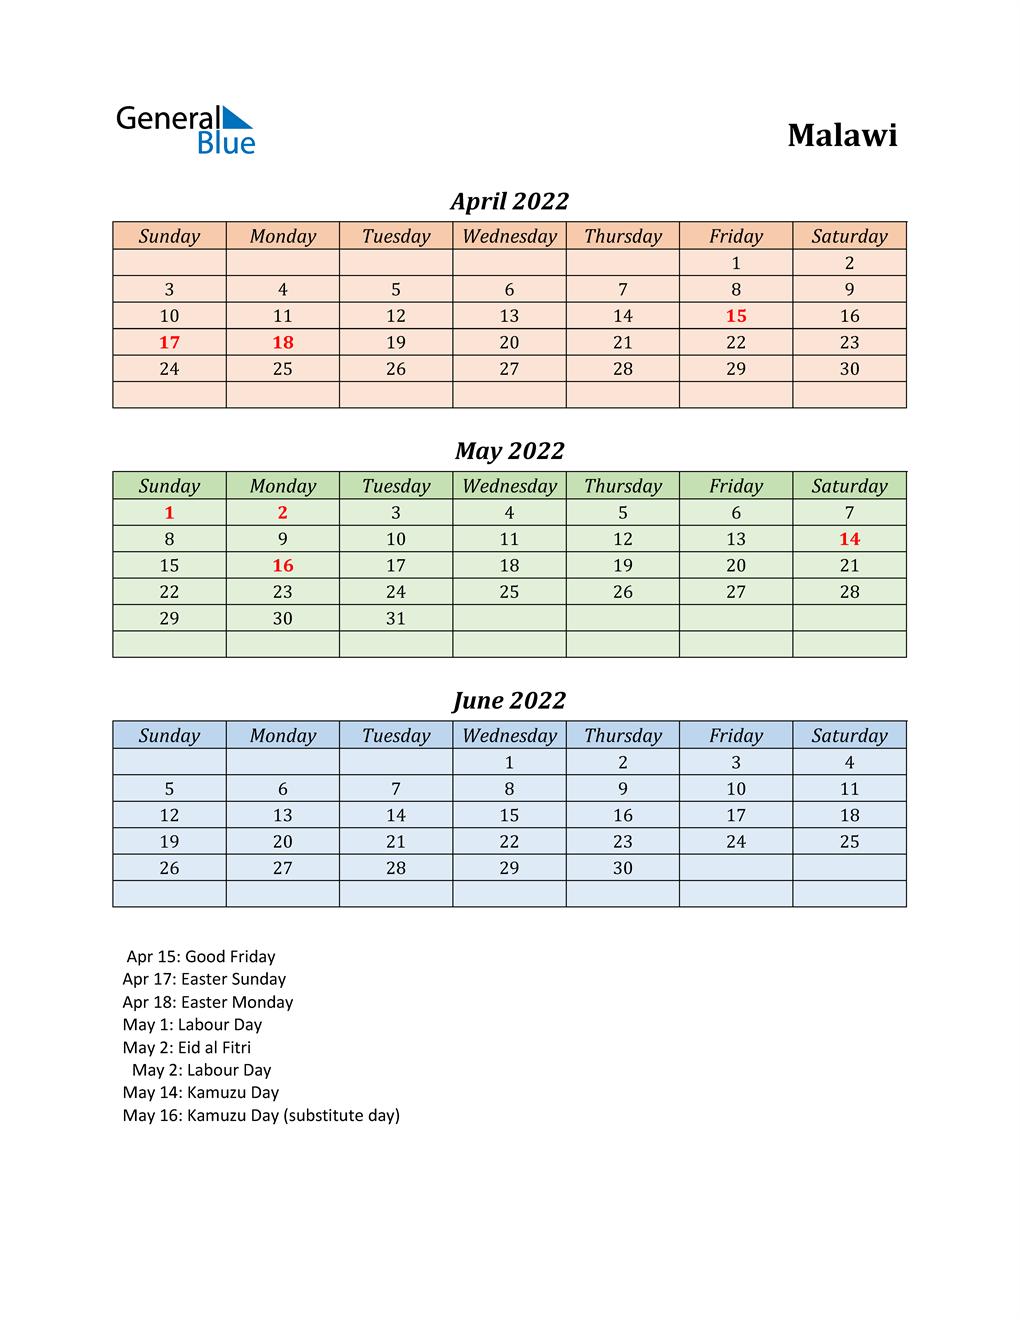 Q2 2022 Holiday Calendar - Malawi